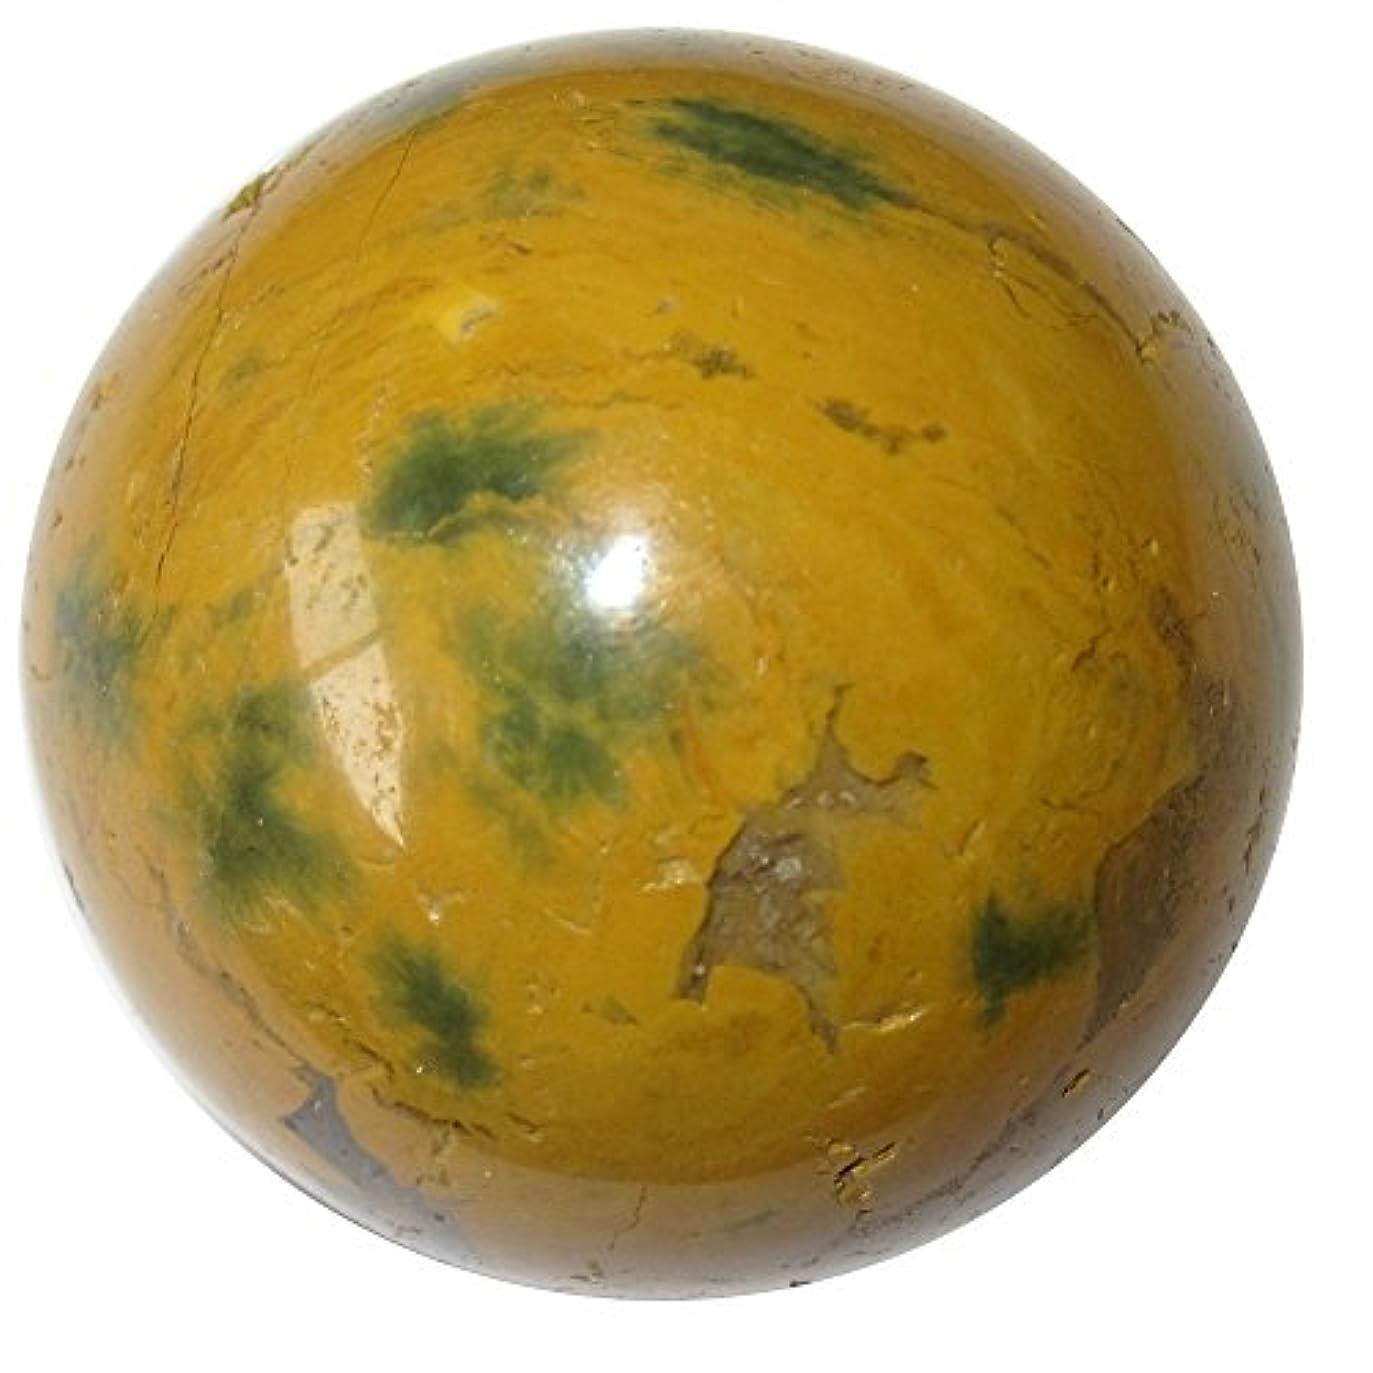 着服間肥料サテンクリスタルジャスパー海洋ボールプレミアムマダガスカル球水要素エネルギーフローストーンp01 1.6 Inches イエロー jasperoceanball01-mustardgreen-1.6